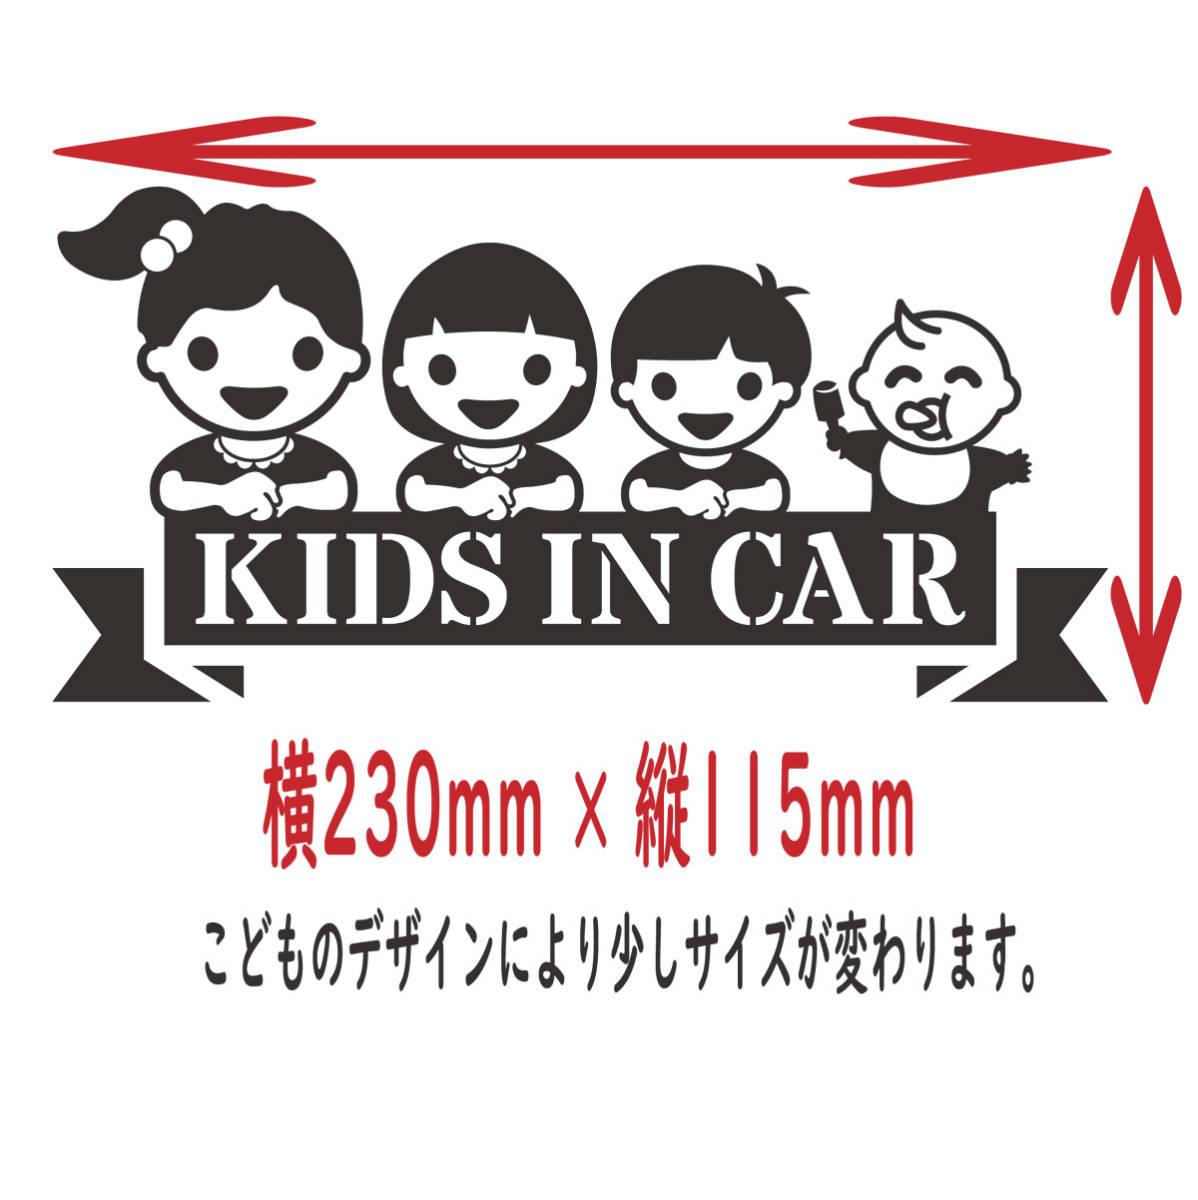 ●4人兄弟・姉妹 KIDSINCAR  ベビーインカーステッカー 選べるかわいい笑顔の子どもデザイン12種類 244_画像4